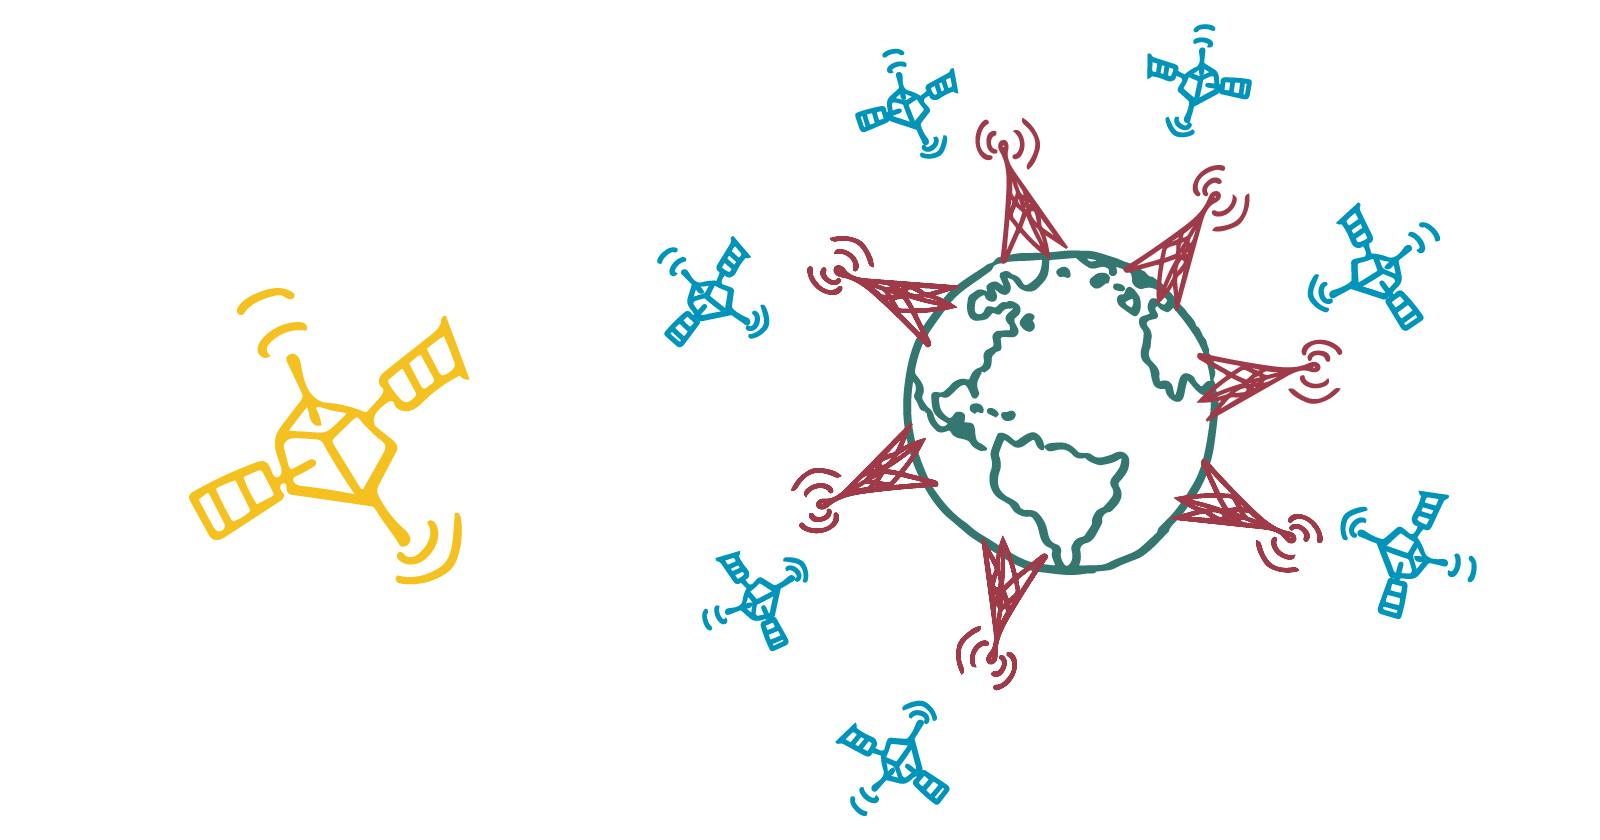 frissewind-info-pictogrammen19-Benbenet